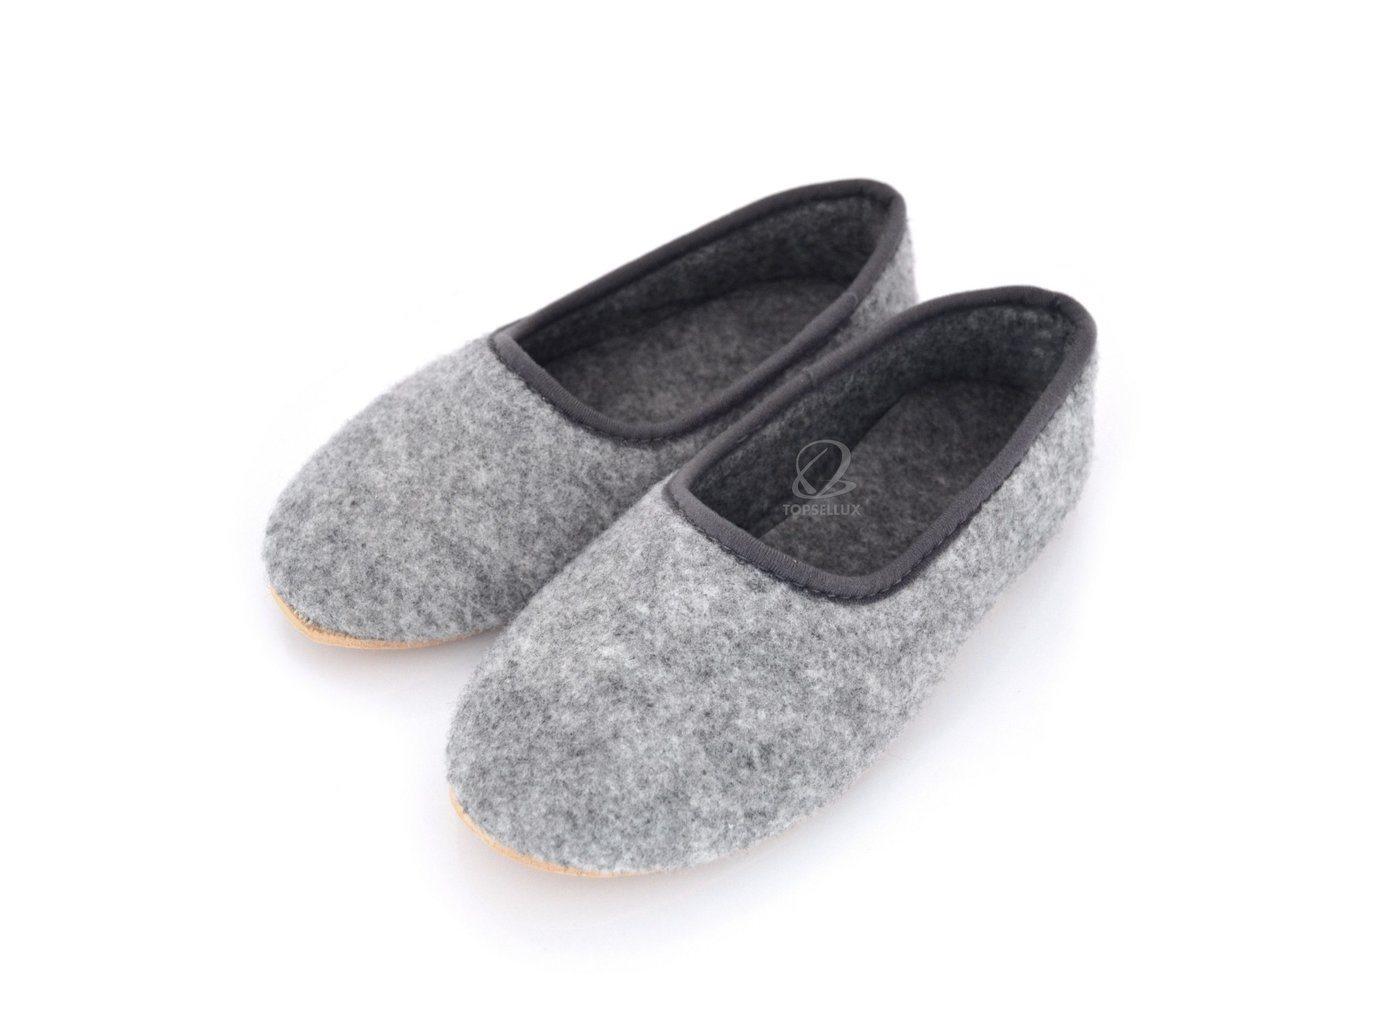 2518dd5b3bdf Nya filt unisex dam herr tofflor mockasiner skor varm grå inneskor toffel  stl 44 ...